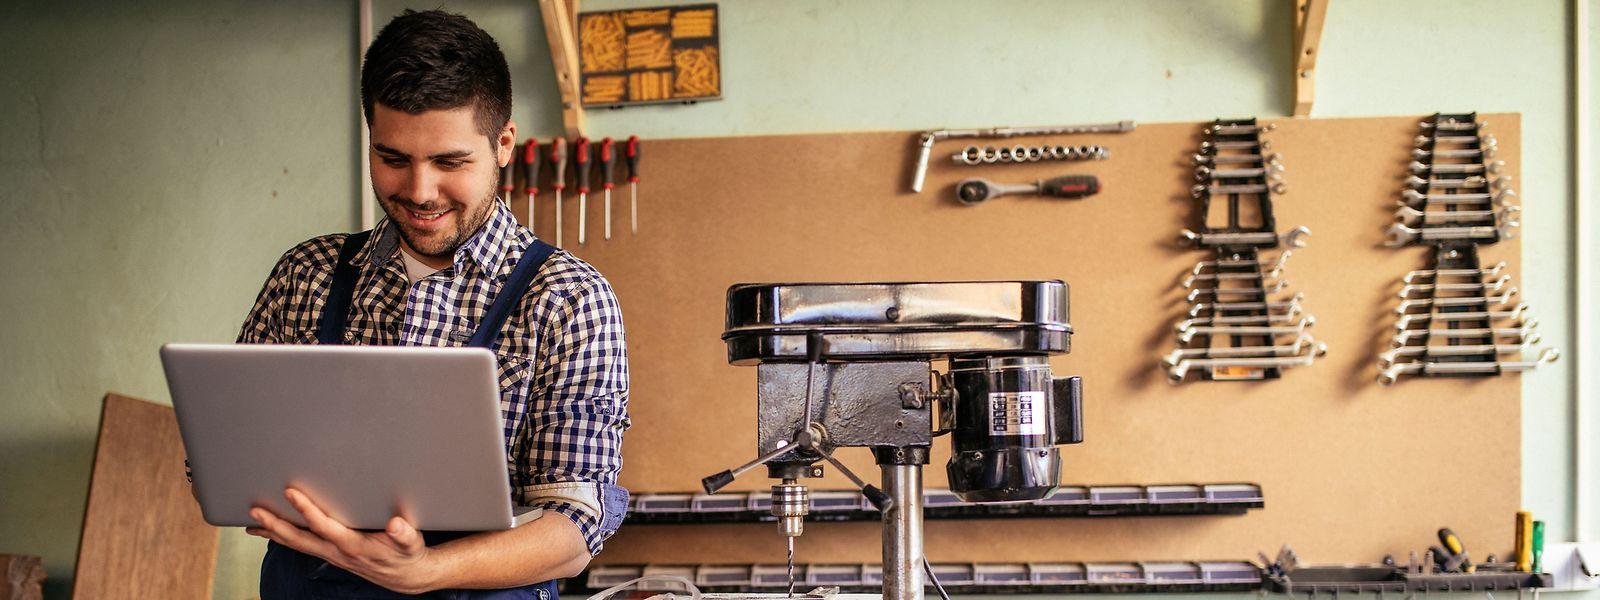 L'exportation ne constitue pas une priorité pour le monde artisanal luxembourgeois.